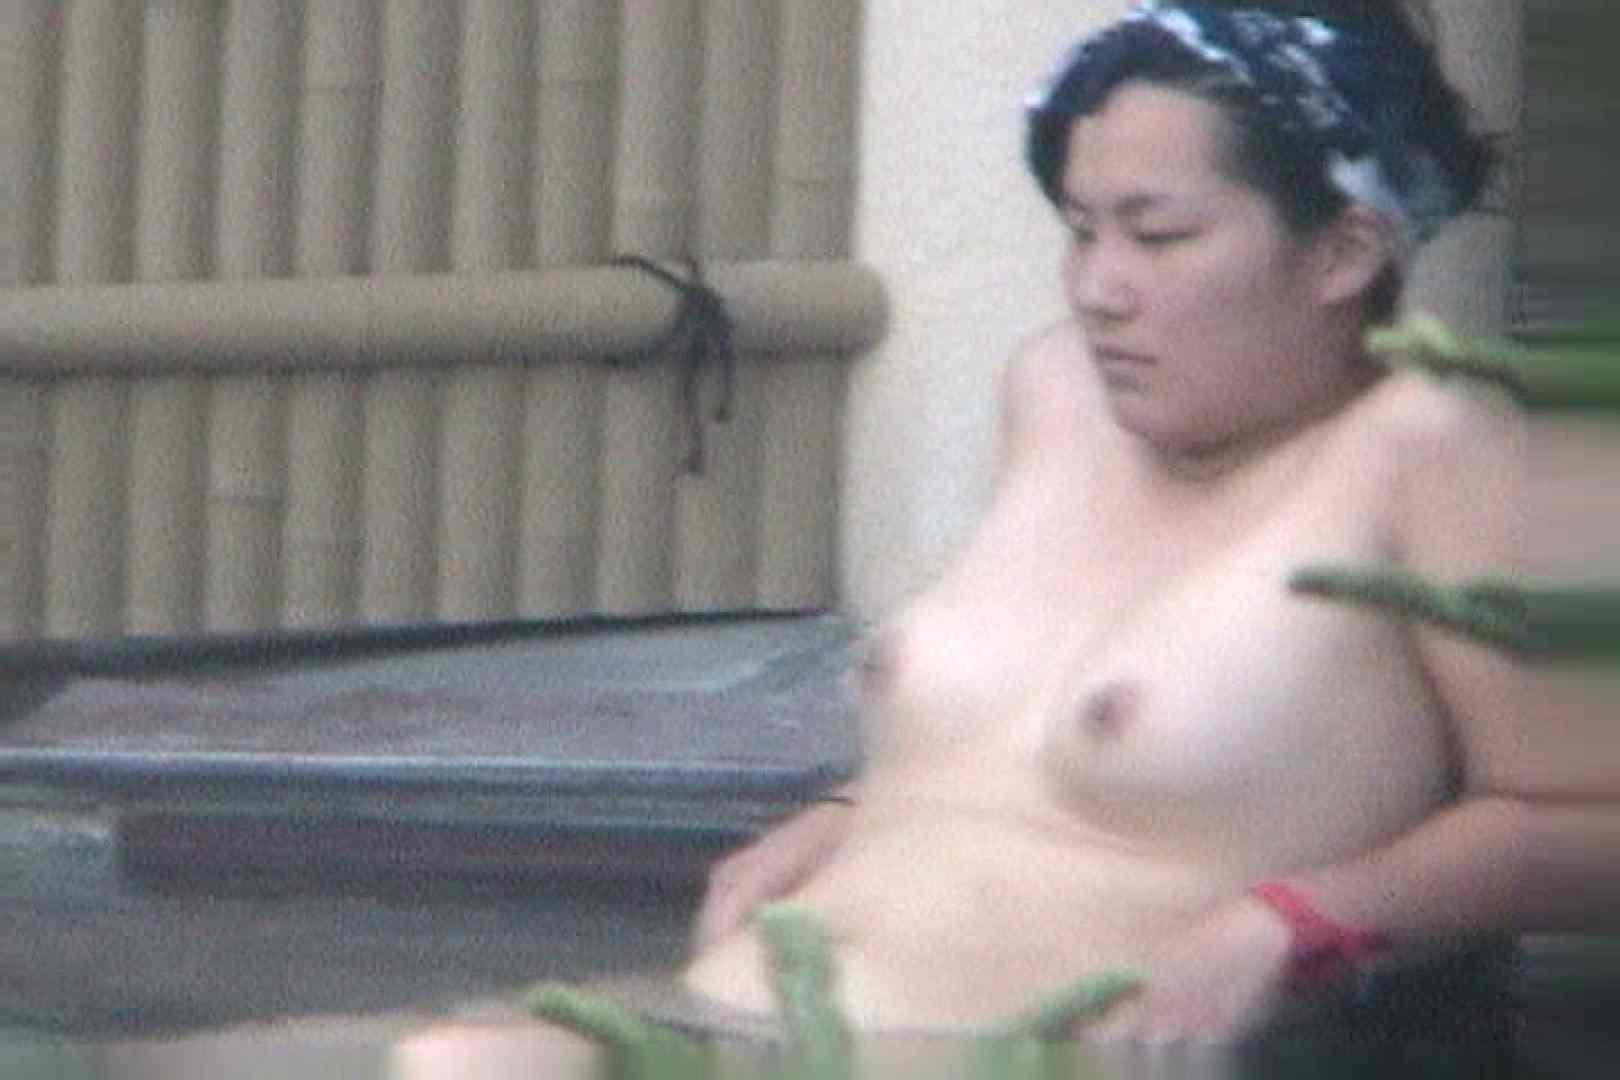 Aquaな露天風呂Vol.103 美しいOLの裸体 | 盗撮師作品  85pic 73